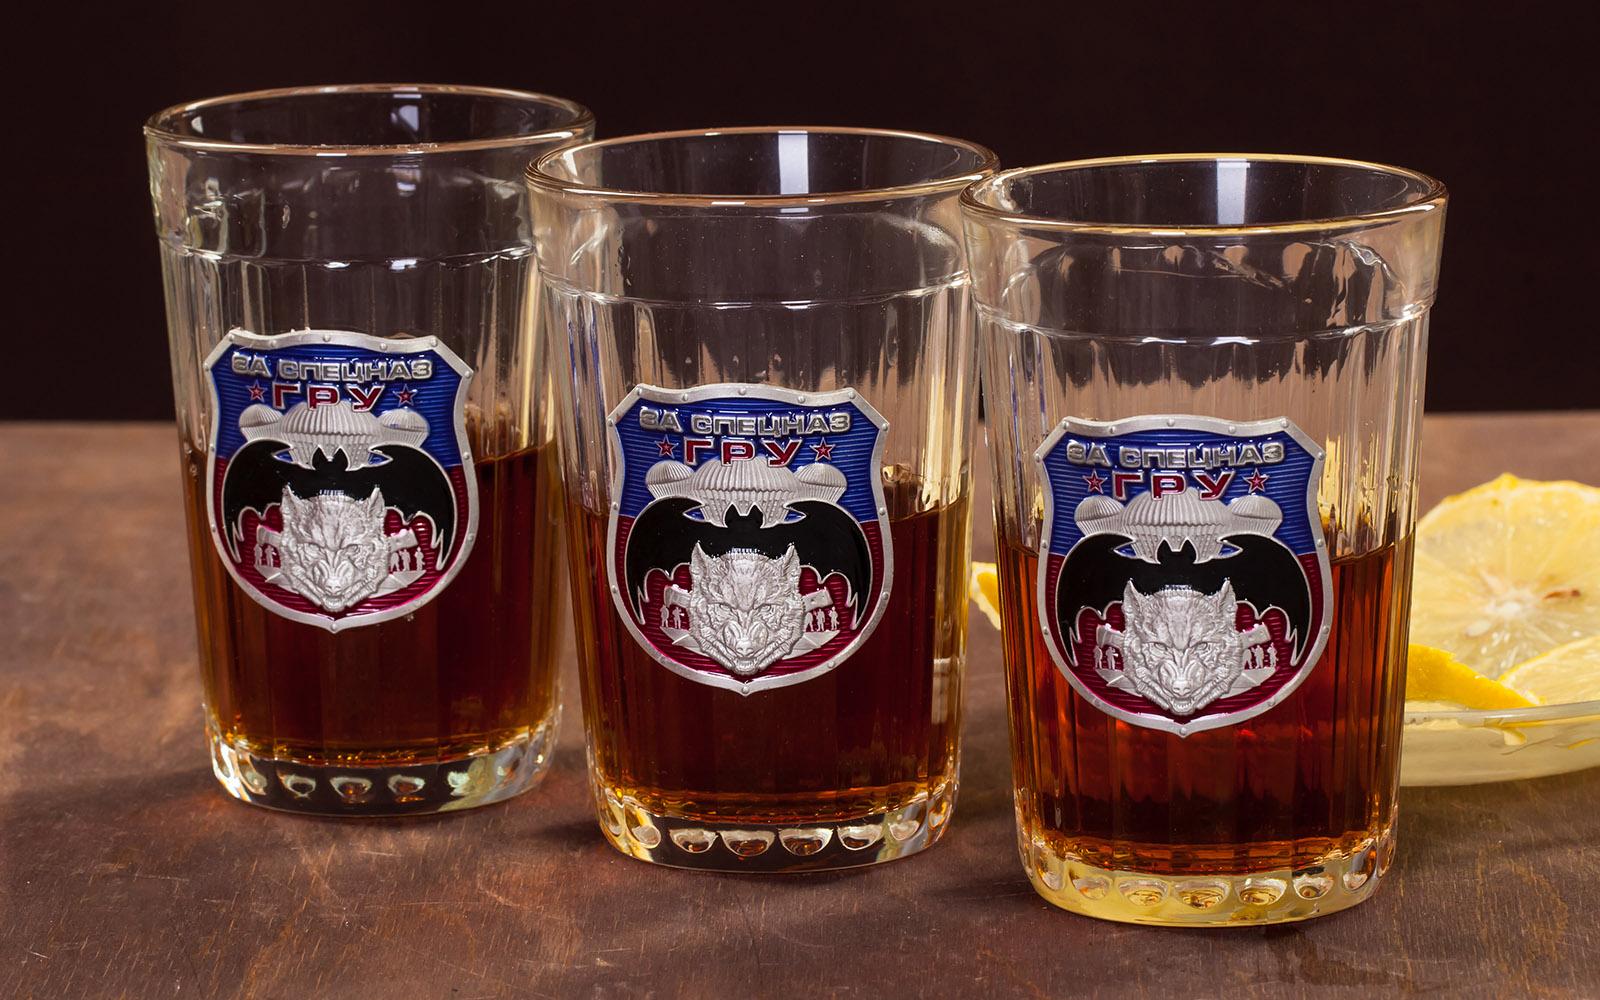 """Эксклюзивный набор гранёных стаканов """"За Спецназ ГРУ"""" по лучшей цене"""